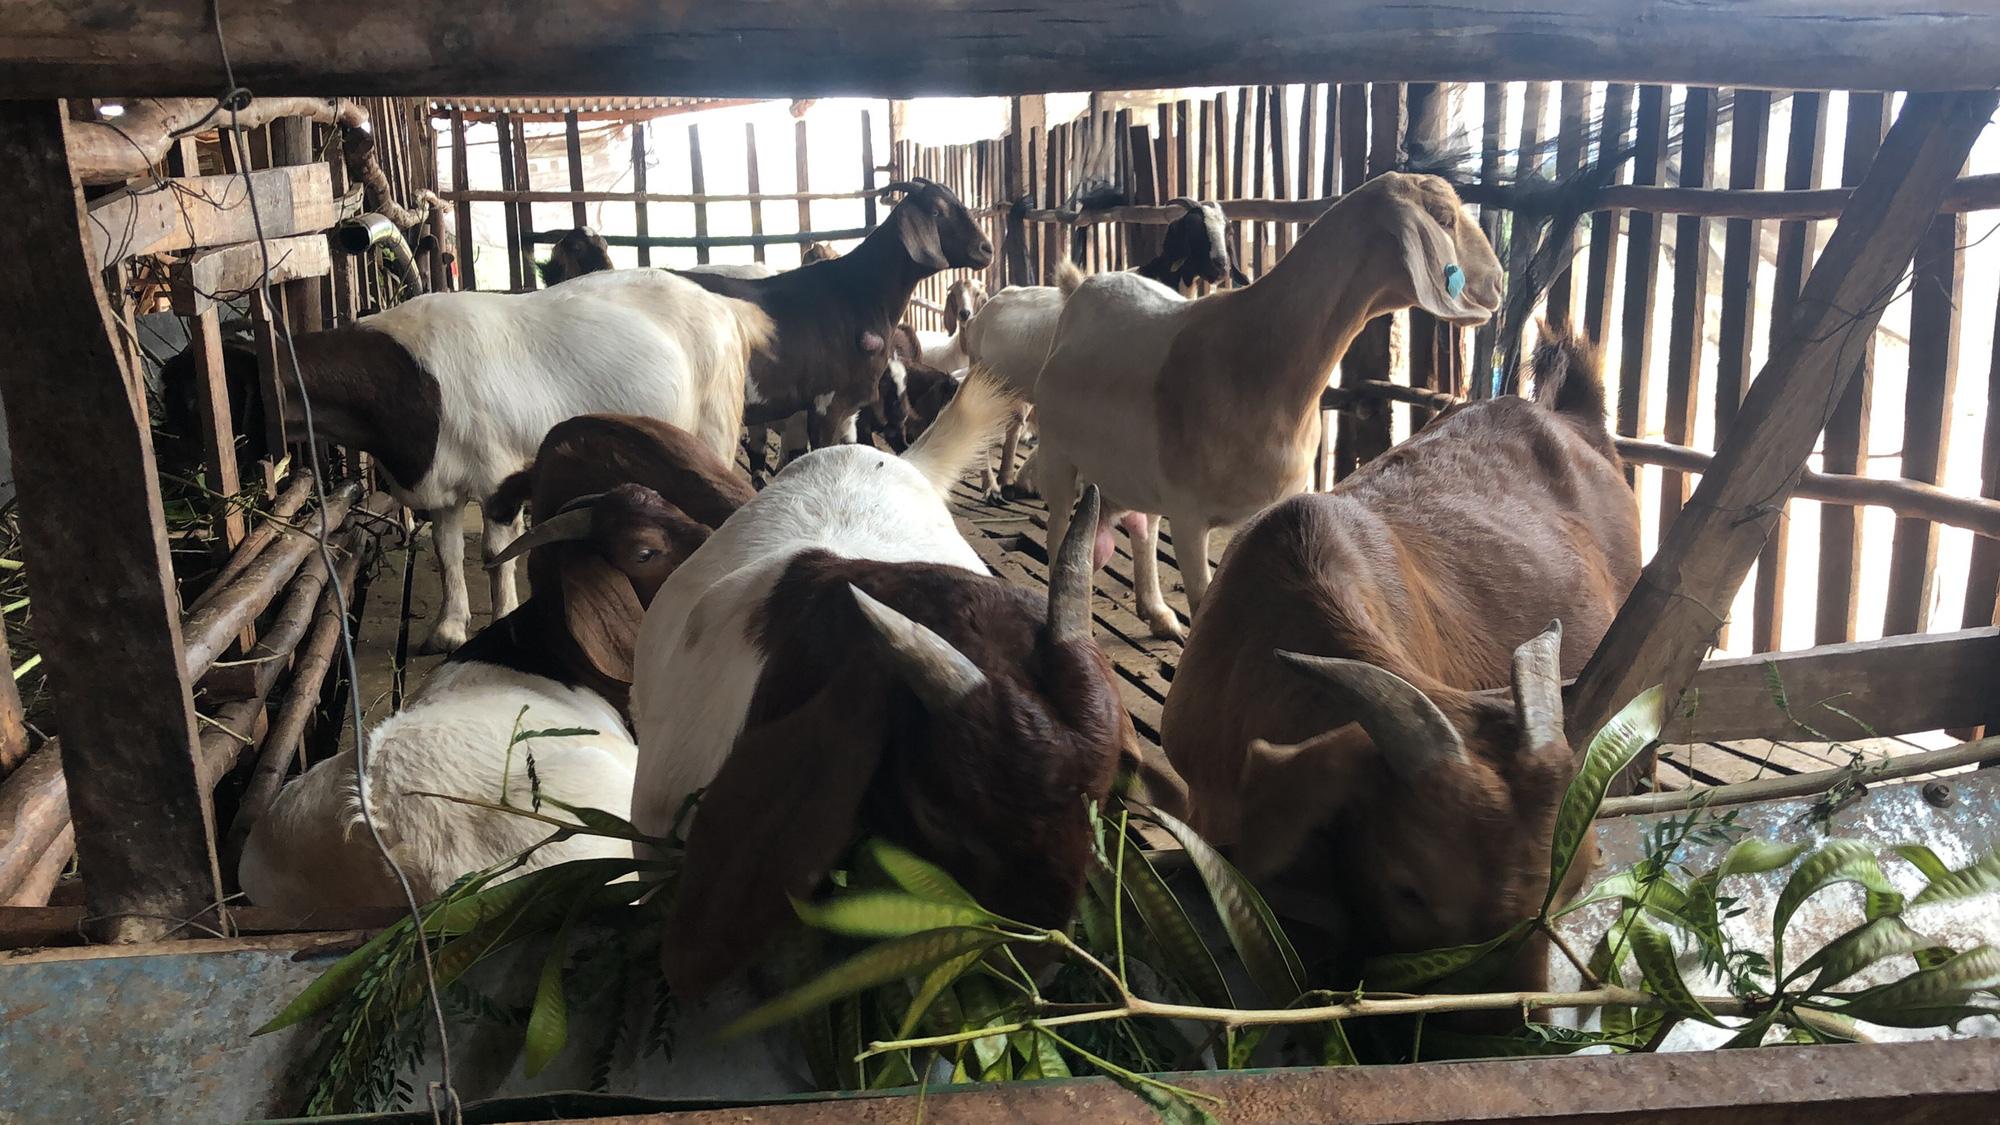 Lãi hàng trăm triệu đồng/năm vì nuôi dê Bo, nông dân bật mí kinh nghiệm - Ảnh 2.